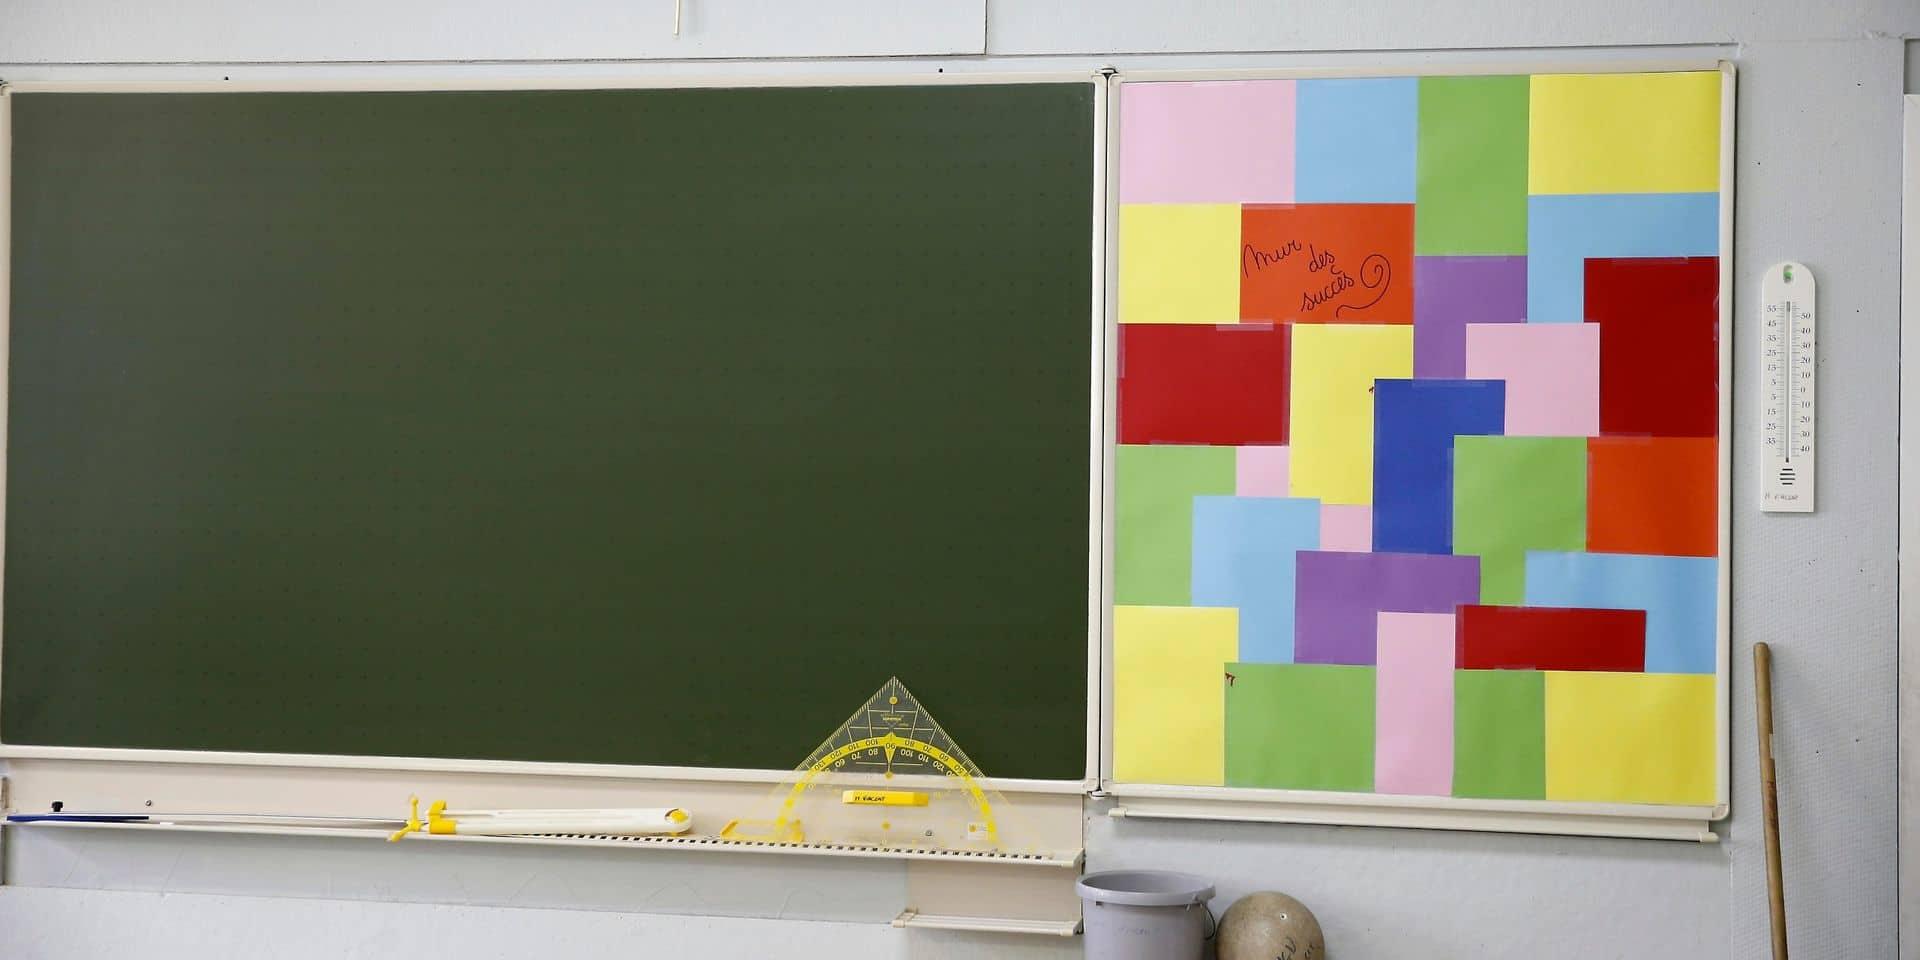 Les infections sont en hausse parmi les élèves et le personnel enseignant en Flandre